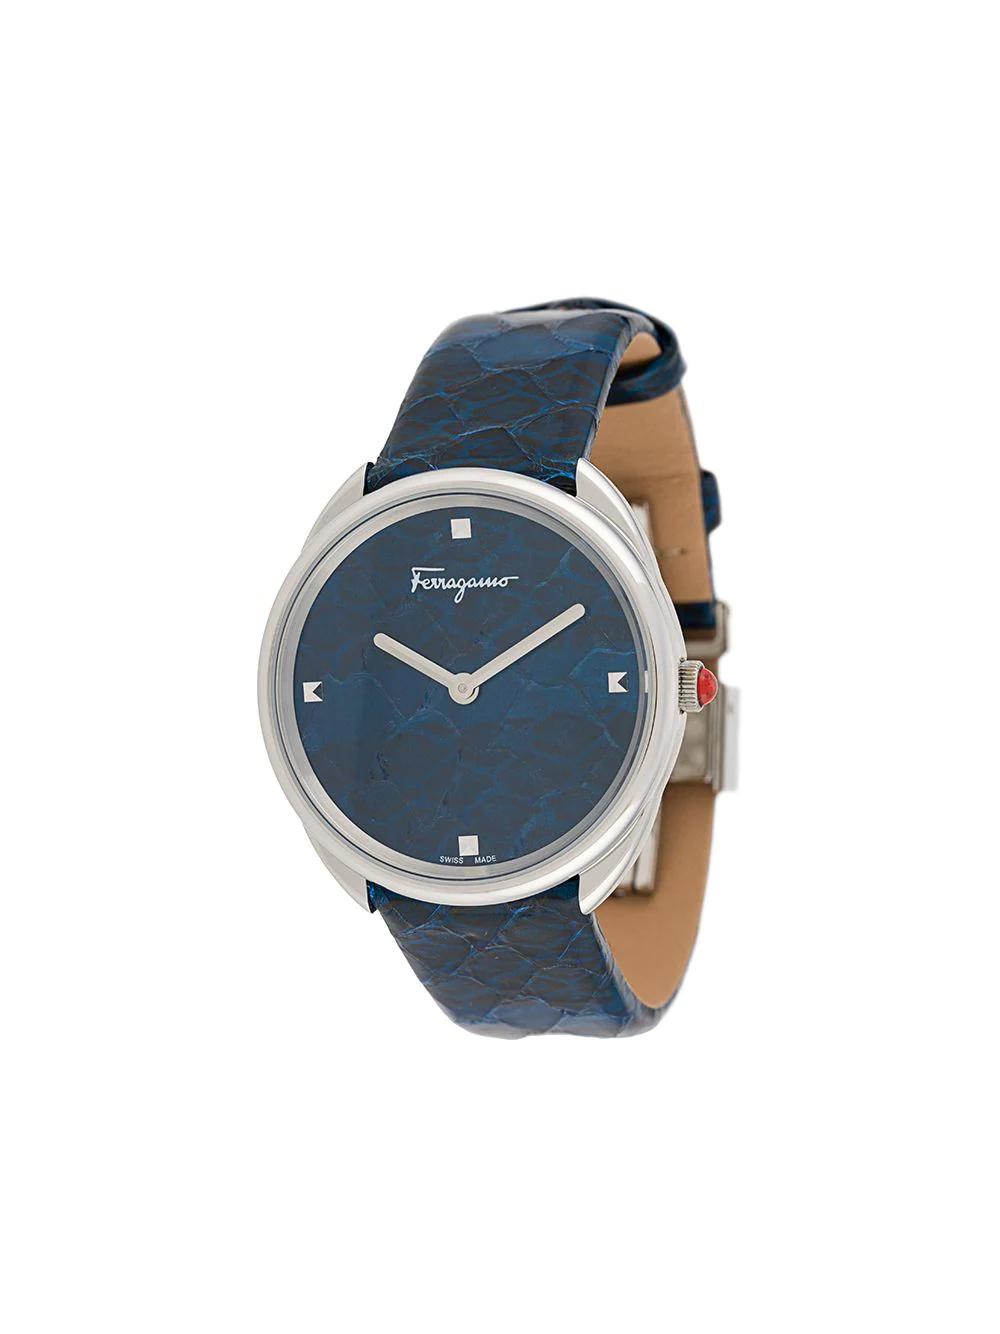 SALVATORE FERRAGAMO   Salvatore Ferragamo Watches наручные часы Cuir 34 мм   Clouty